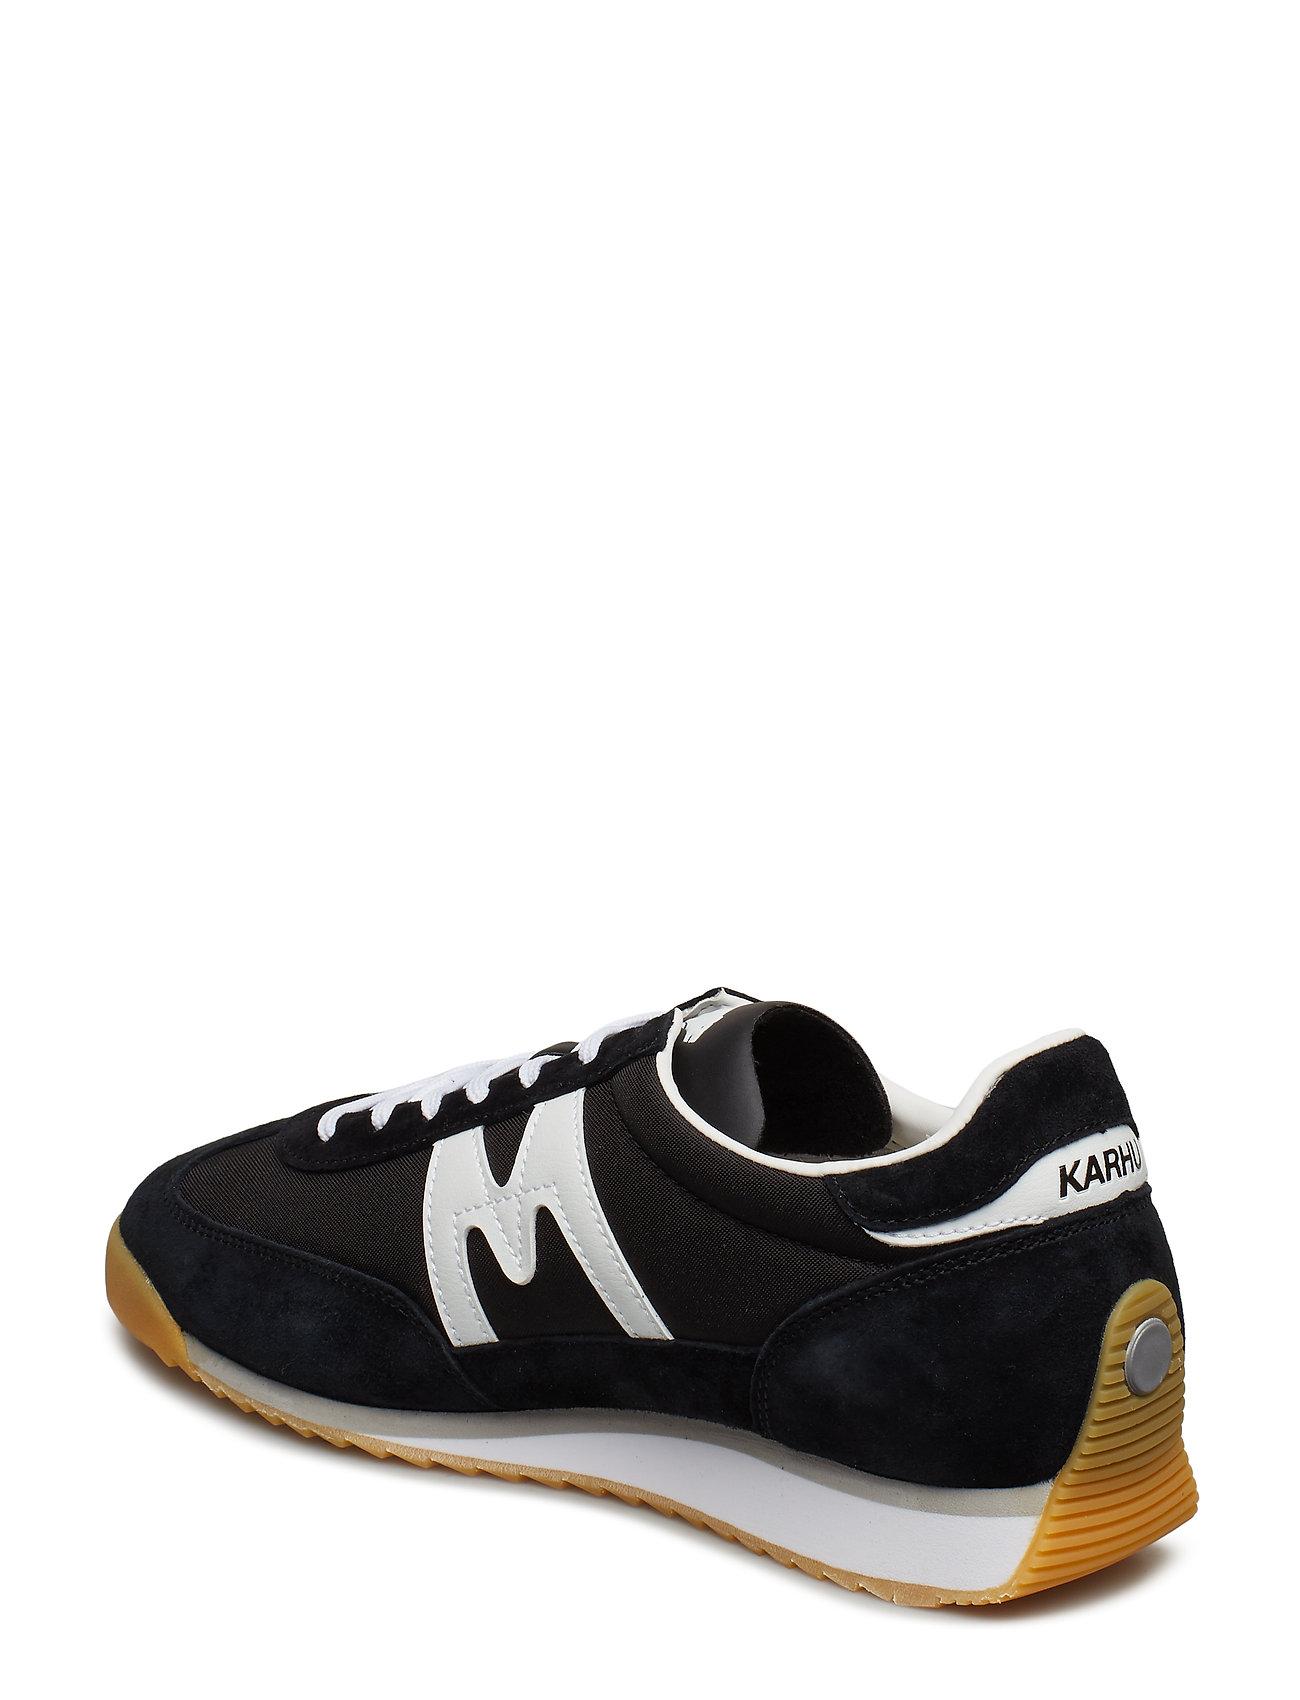 Mestari Low-top Sneakers Sort Karhu